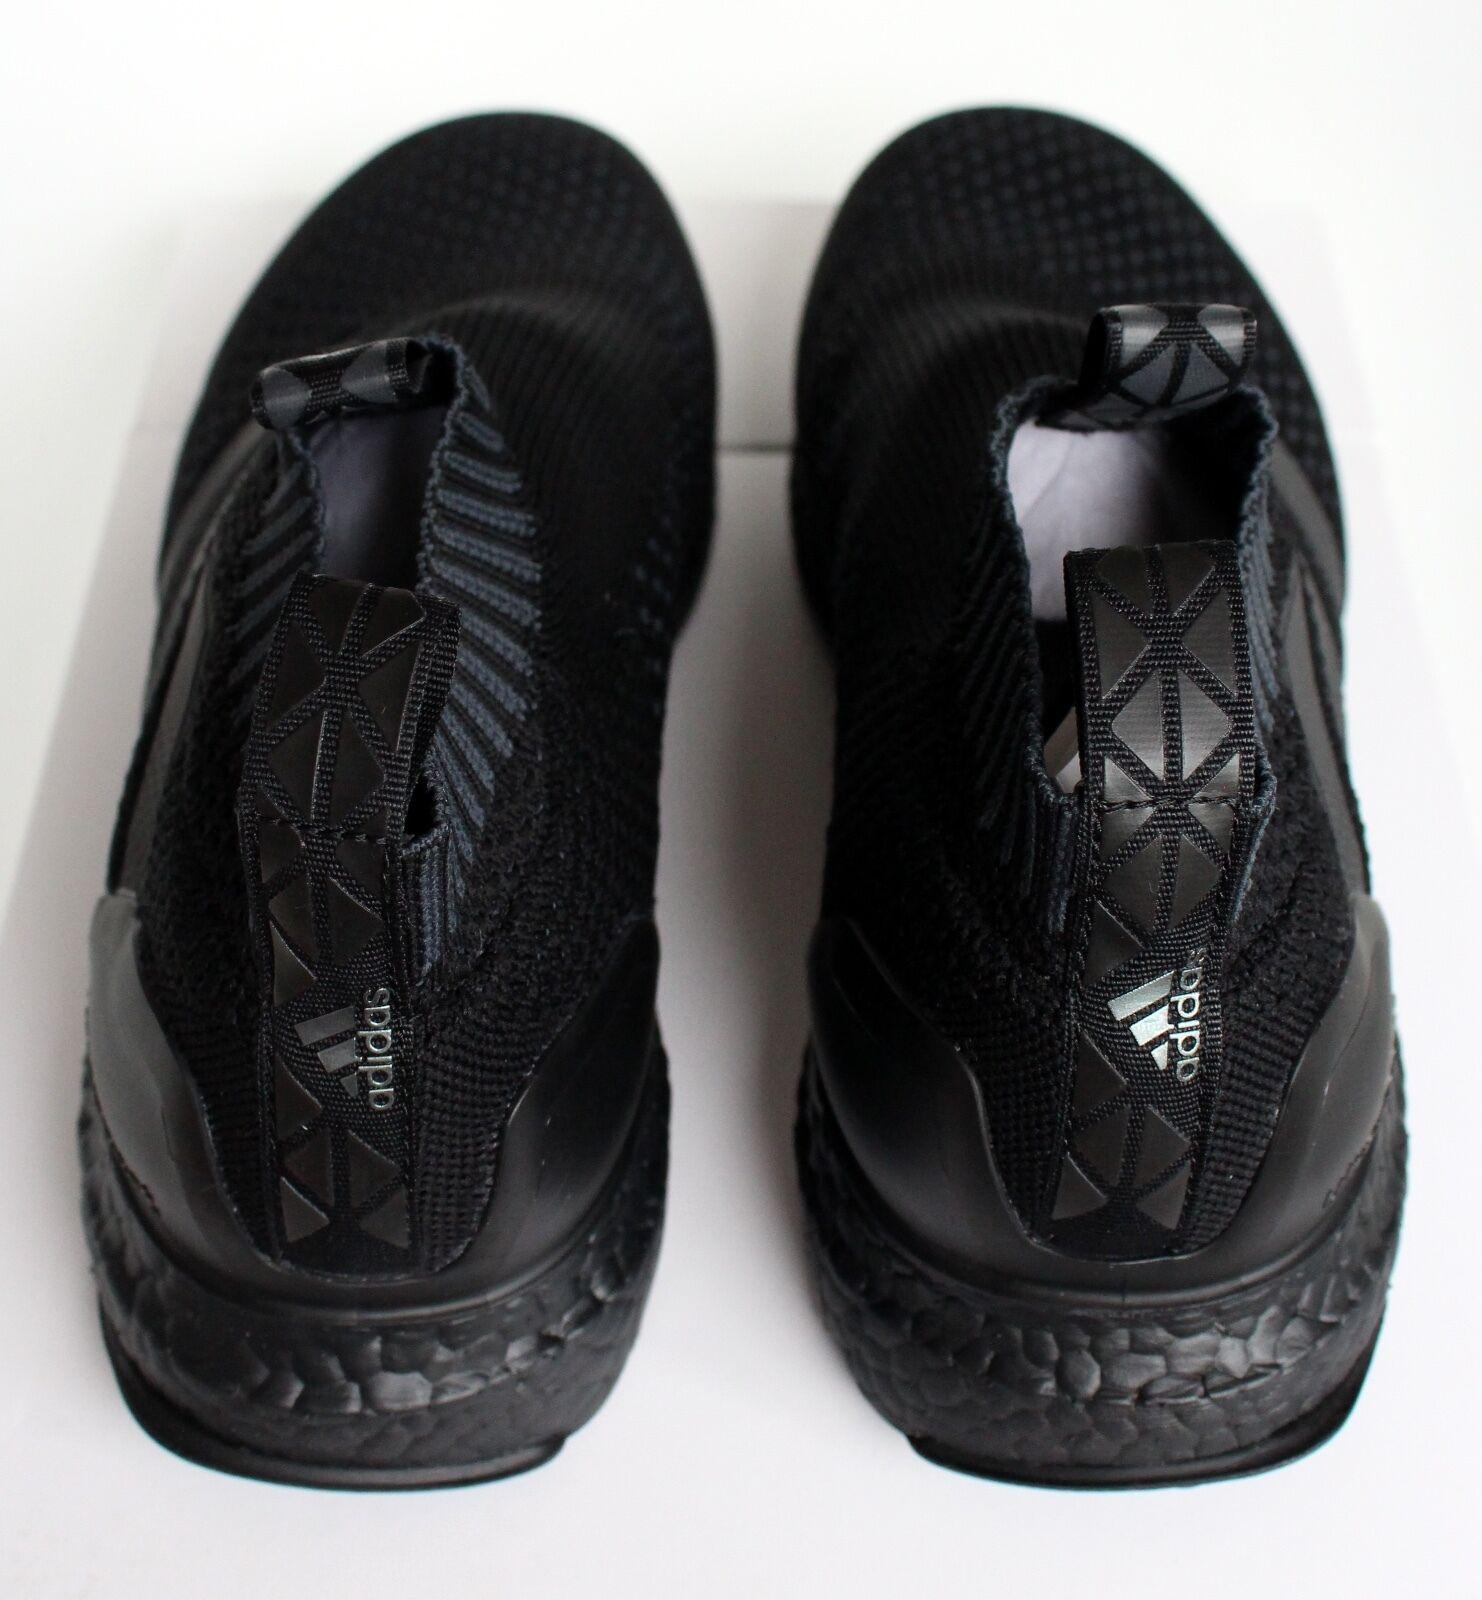 Adidas asso 16 + purecontrol ultra impulso impulso impulso triplo nero by9088 nuova a6bd6e